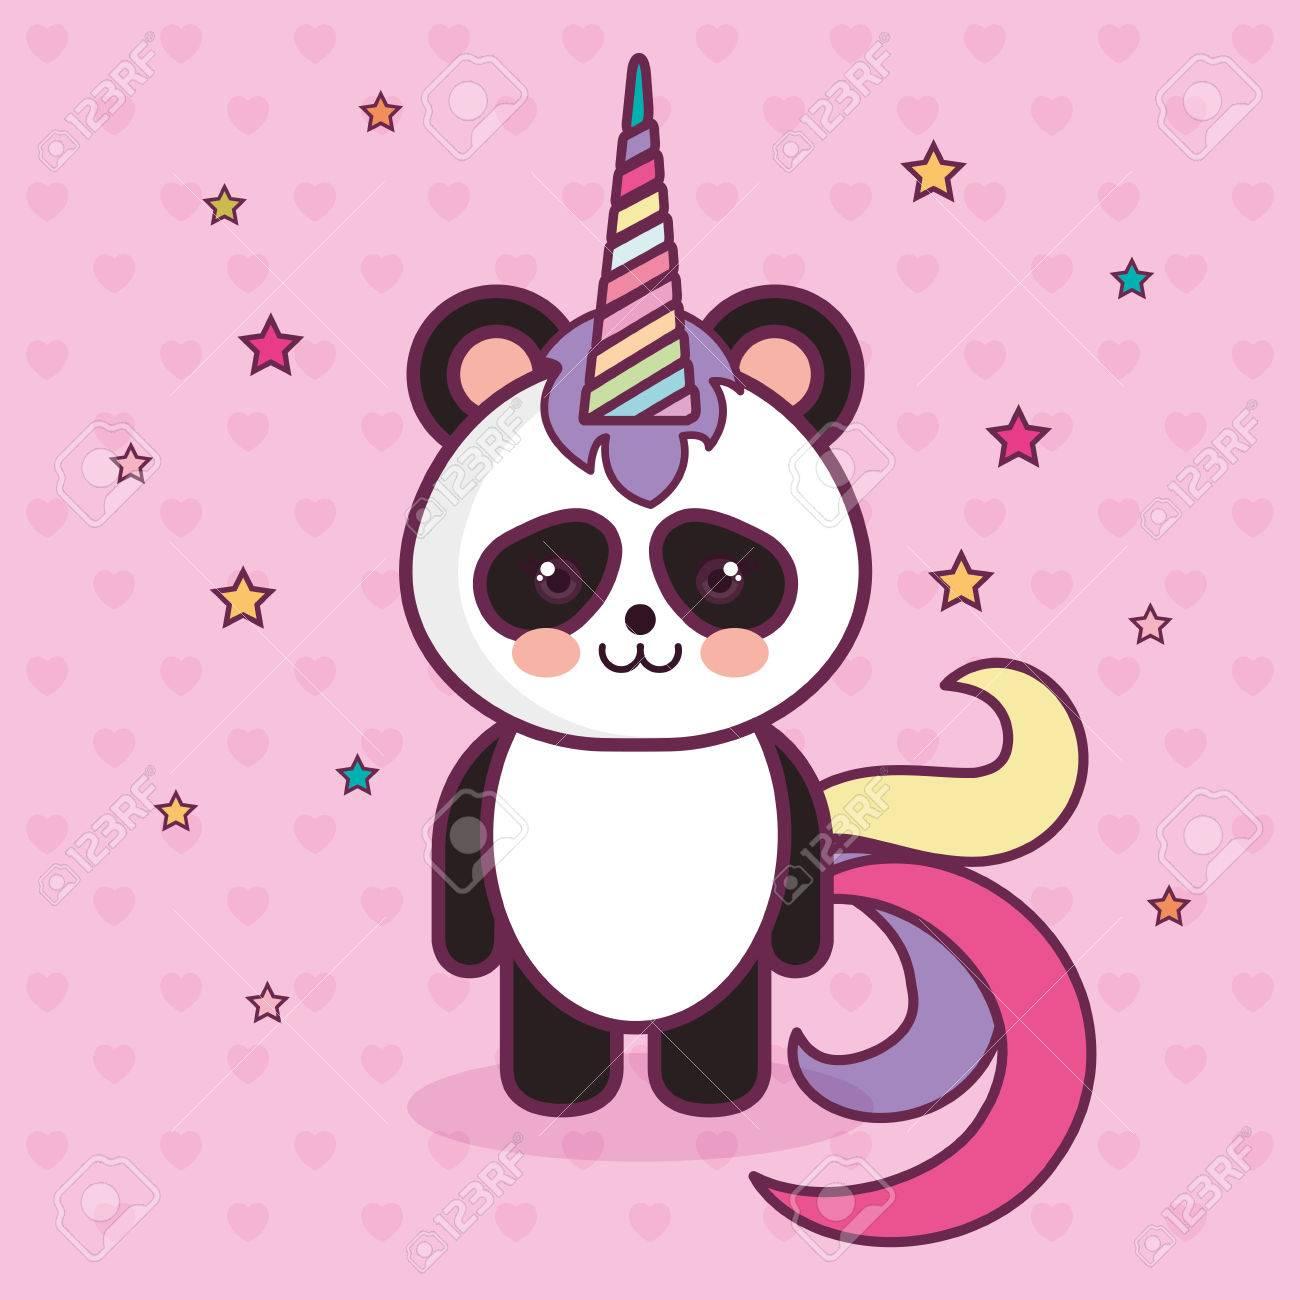 Ours Panda Kawaii Avec Corne Colorée Sur Fond étoilé Rose Illustration Vectorielle